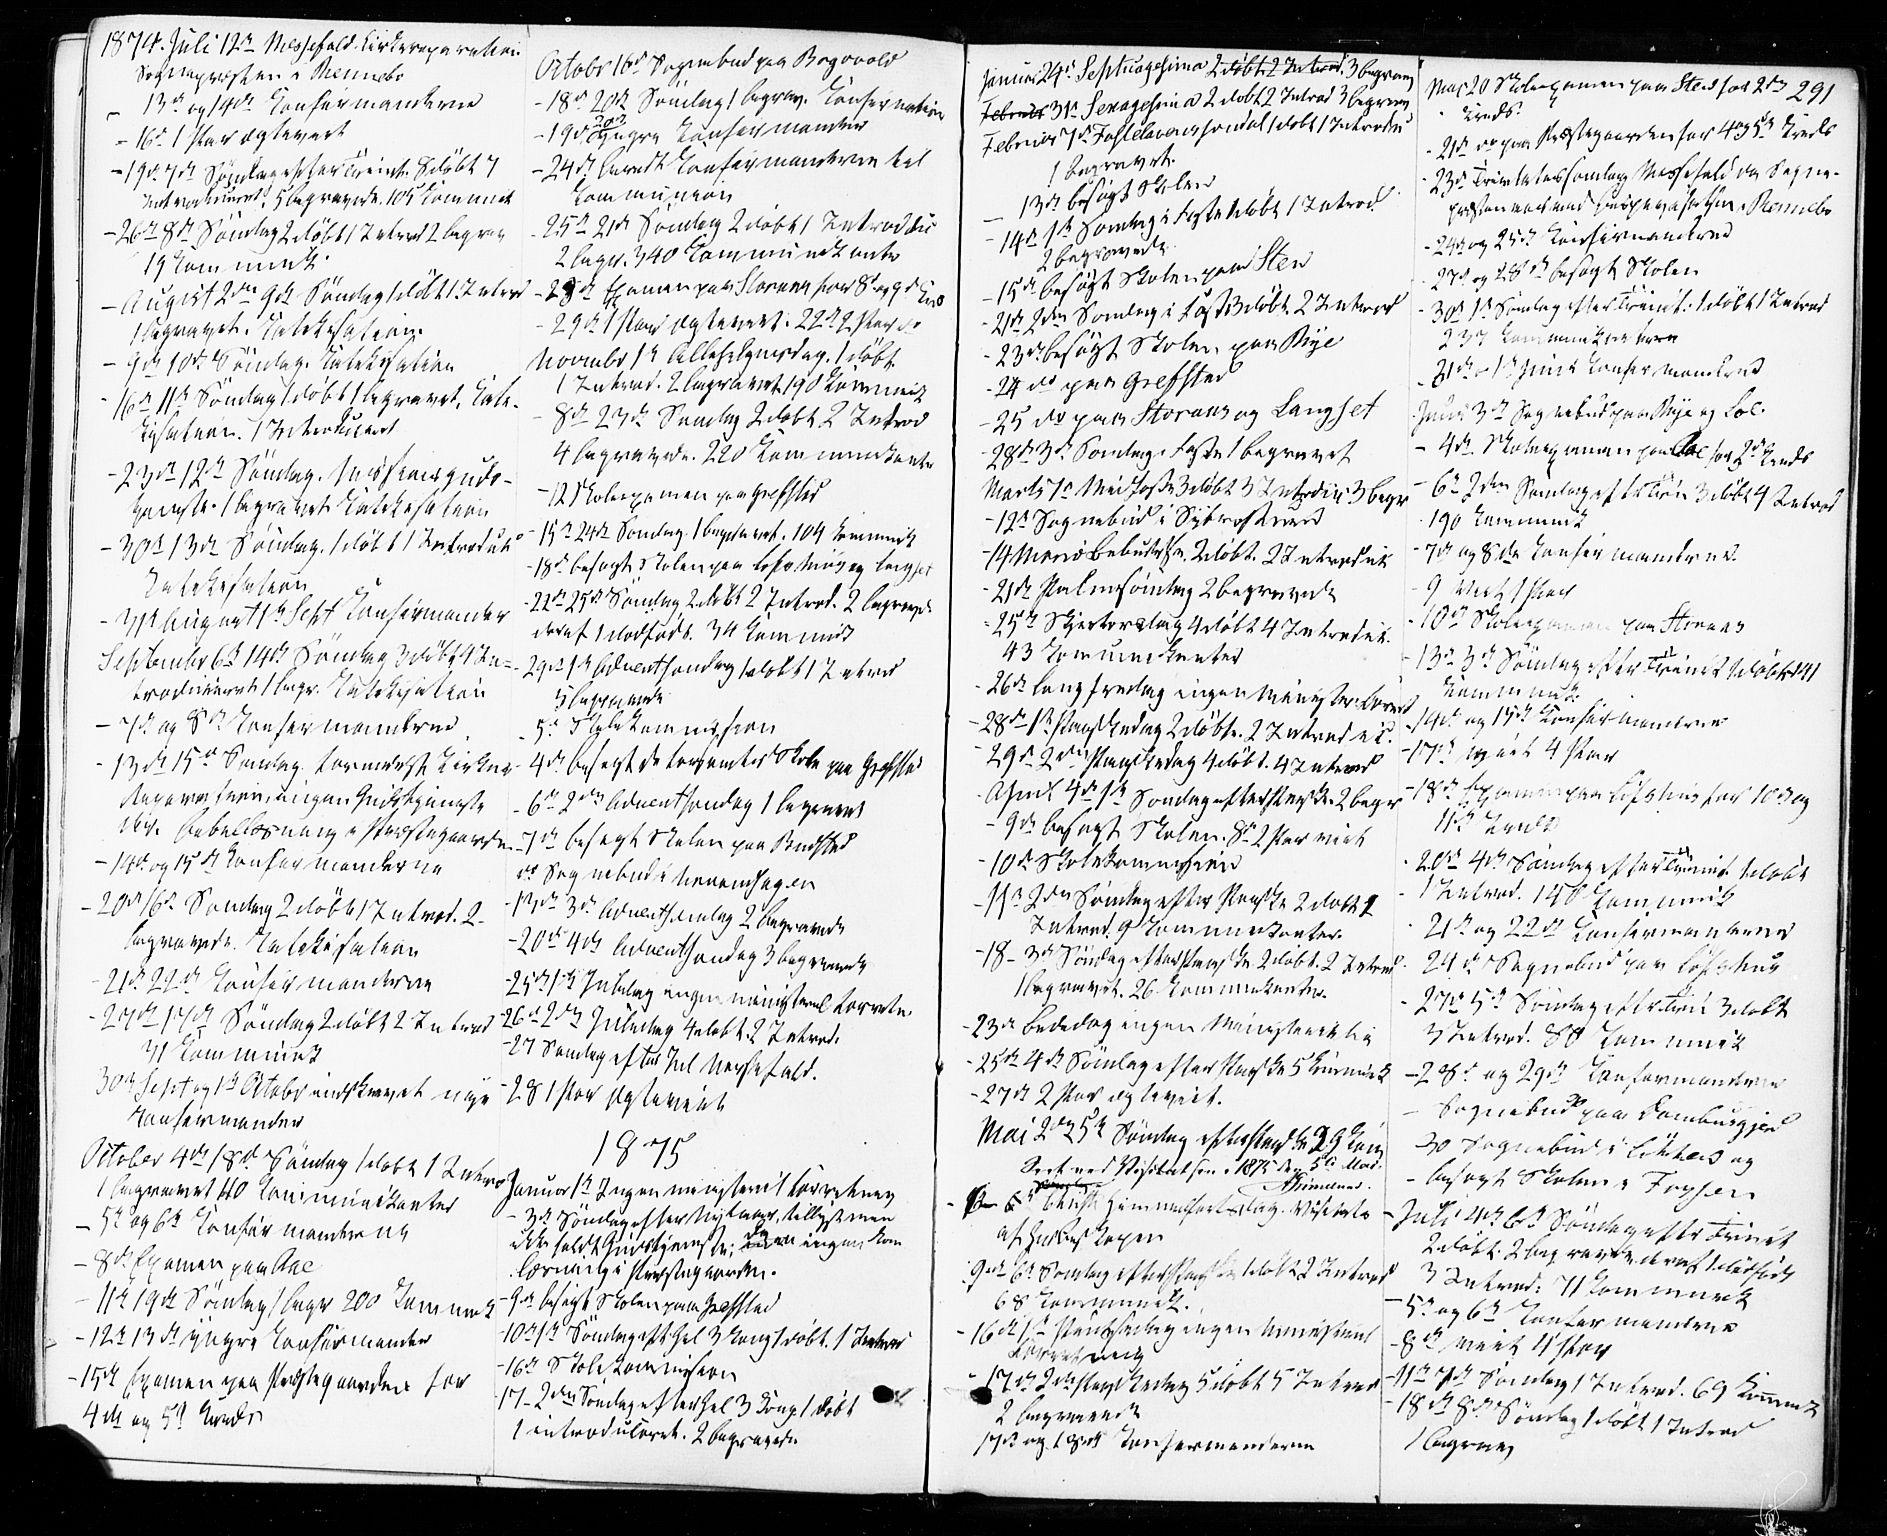 SAT, Ministerialprotokoller, klokkerbøker og fødselsregistre - Sør-Trøndelag, 672/L0856: Ministerialbok nr. 672A08, 1861-1881, s. 291